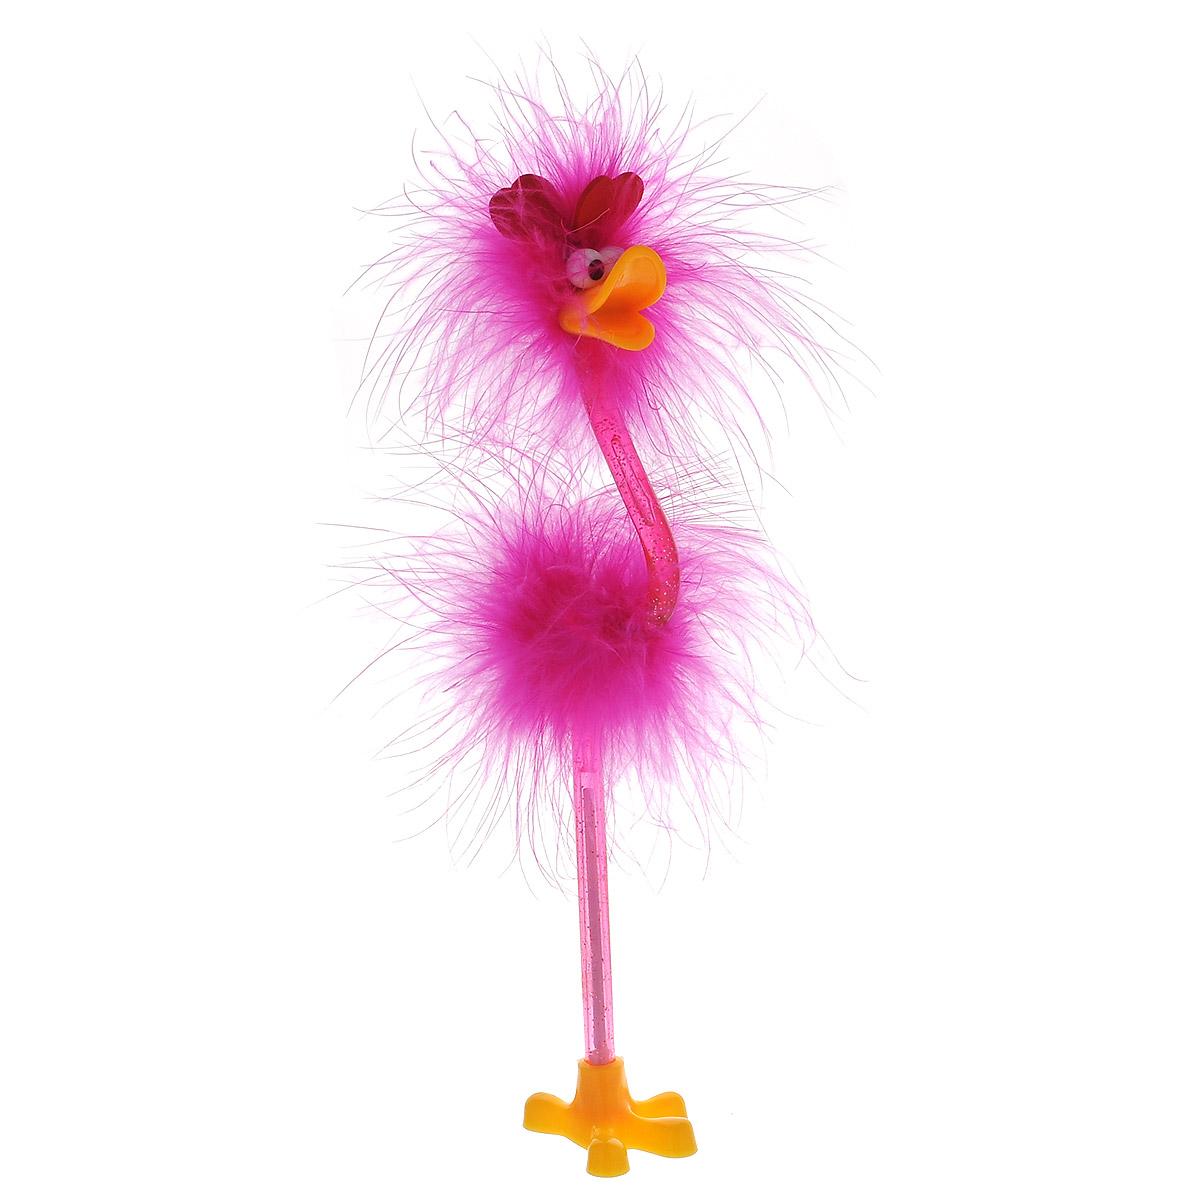 Ручка-игрушка Flamingo, с сердечками, с подставкой, цвет: фуксия72523WDОригинальная шариковая ручка-игрушка Flamingo станет отличным подарком и незаменимым аксессуаром на вашем рабочем столе. Ручка, украшенная перьями, выполнена в виде забавной птички фламинго с антеннами-сердечками. К ручке прилагается подставка в виде лапки. Такая ручка - это забавный и практичный подарок, она не потеряется среди бумаг и непременно вызовет улыбку окружающих.